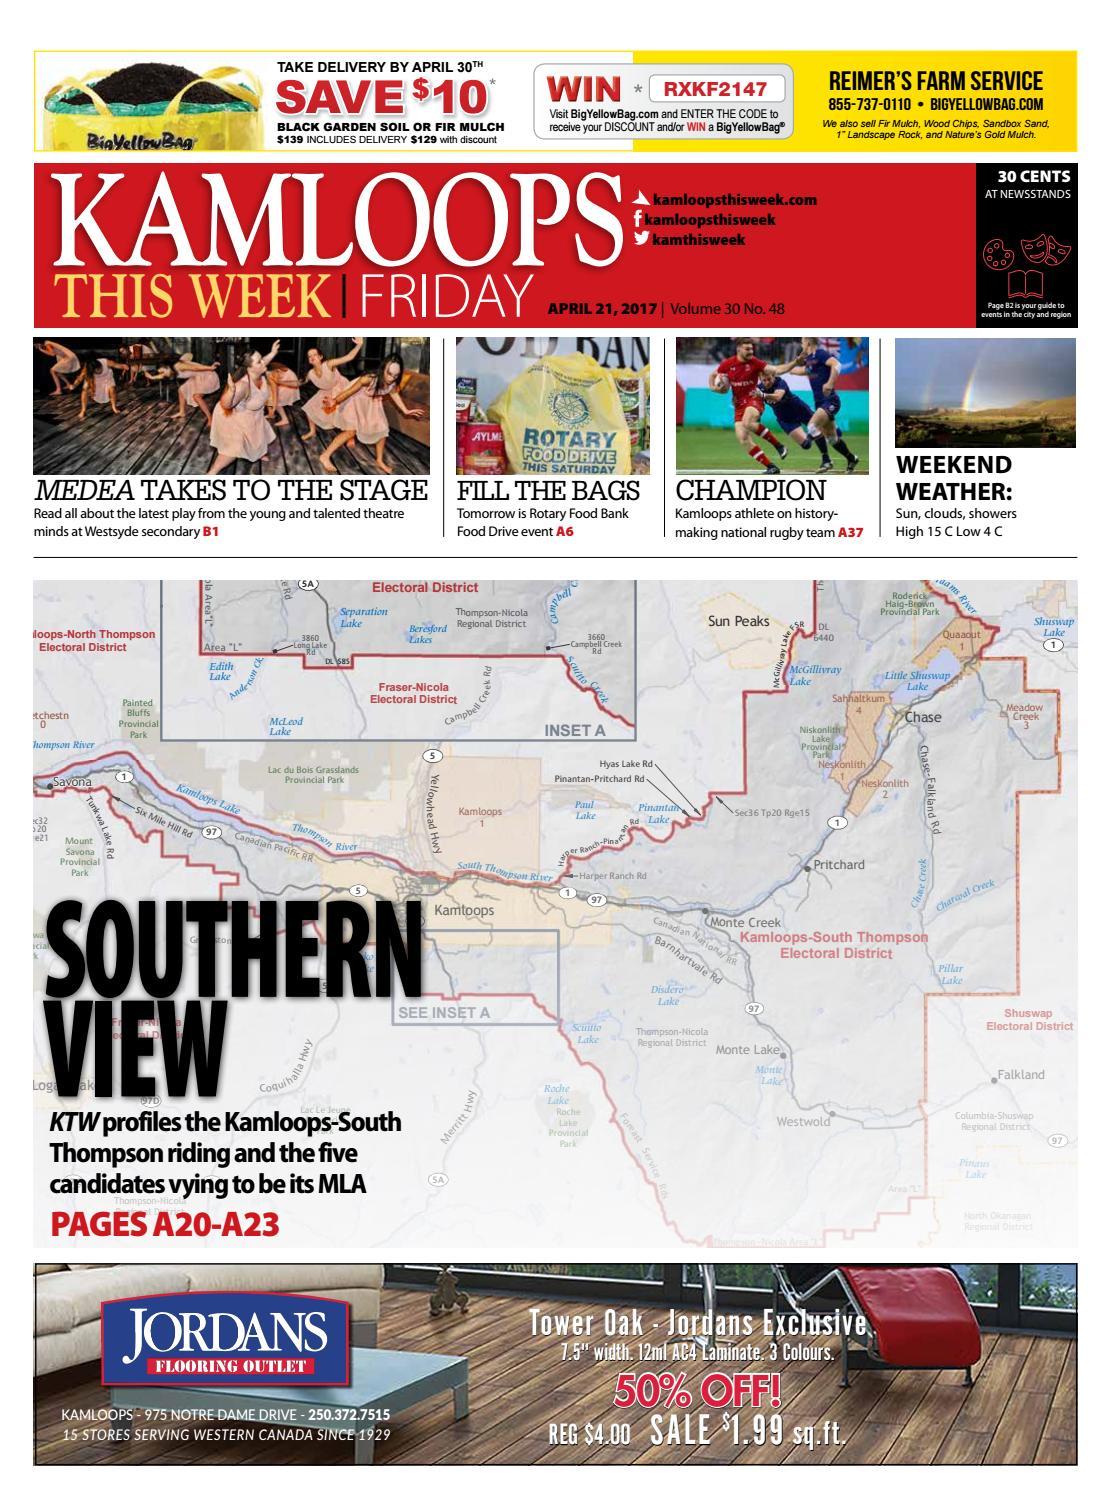 Kamloops this week april 21 2017 by kamloopsthisweek issuu fandeluxe Image collections